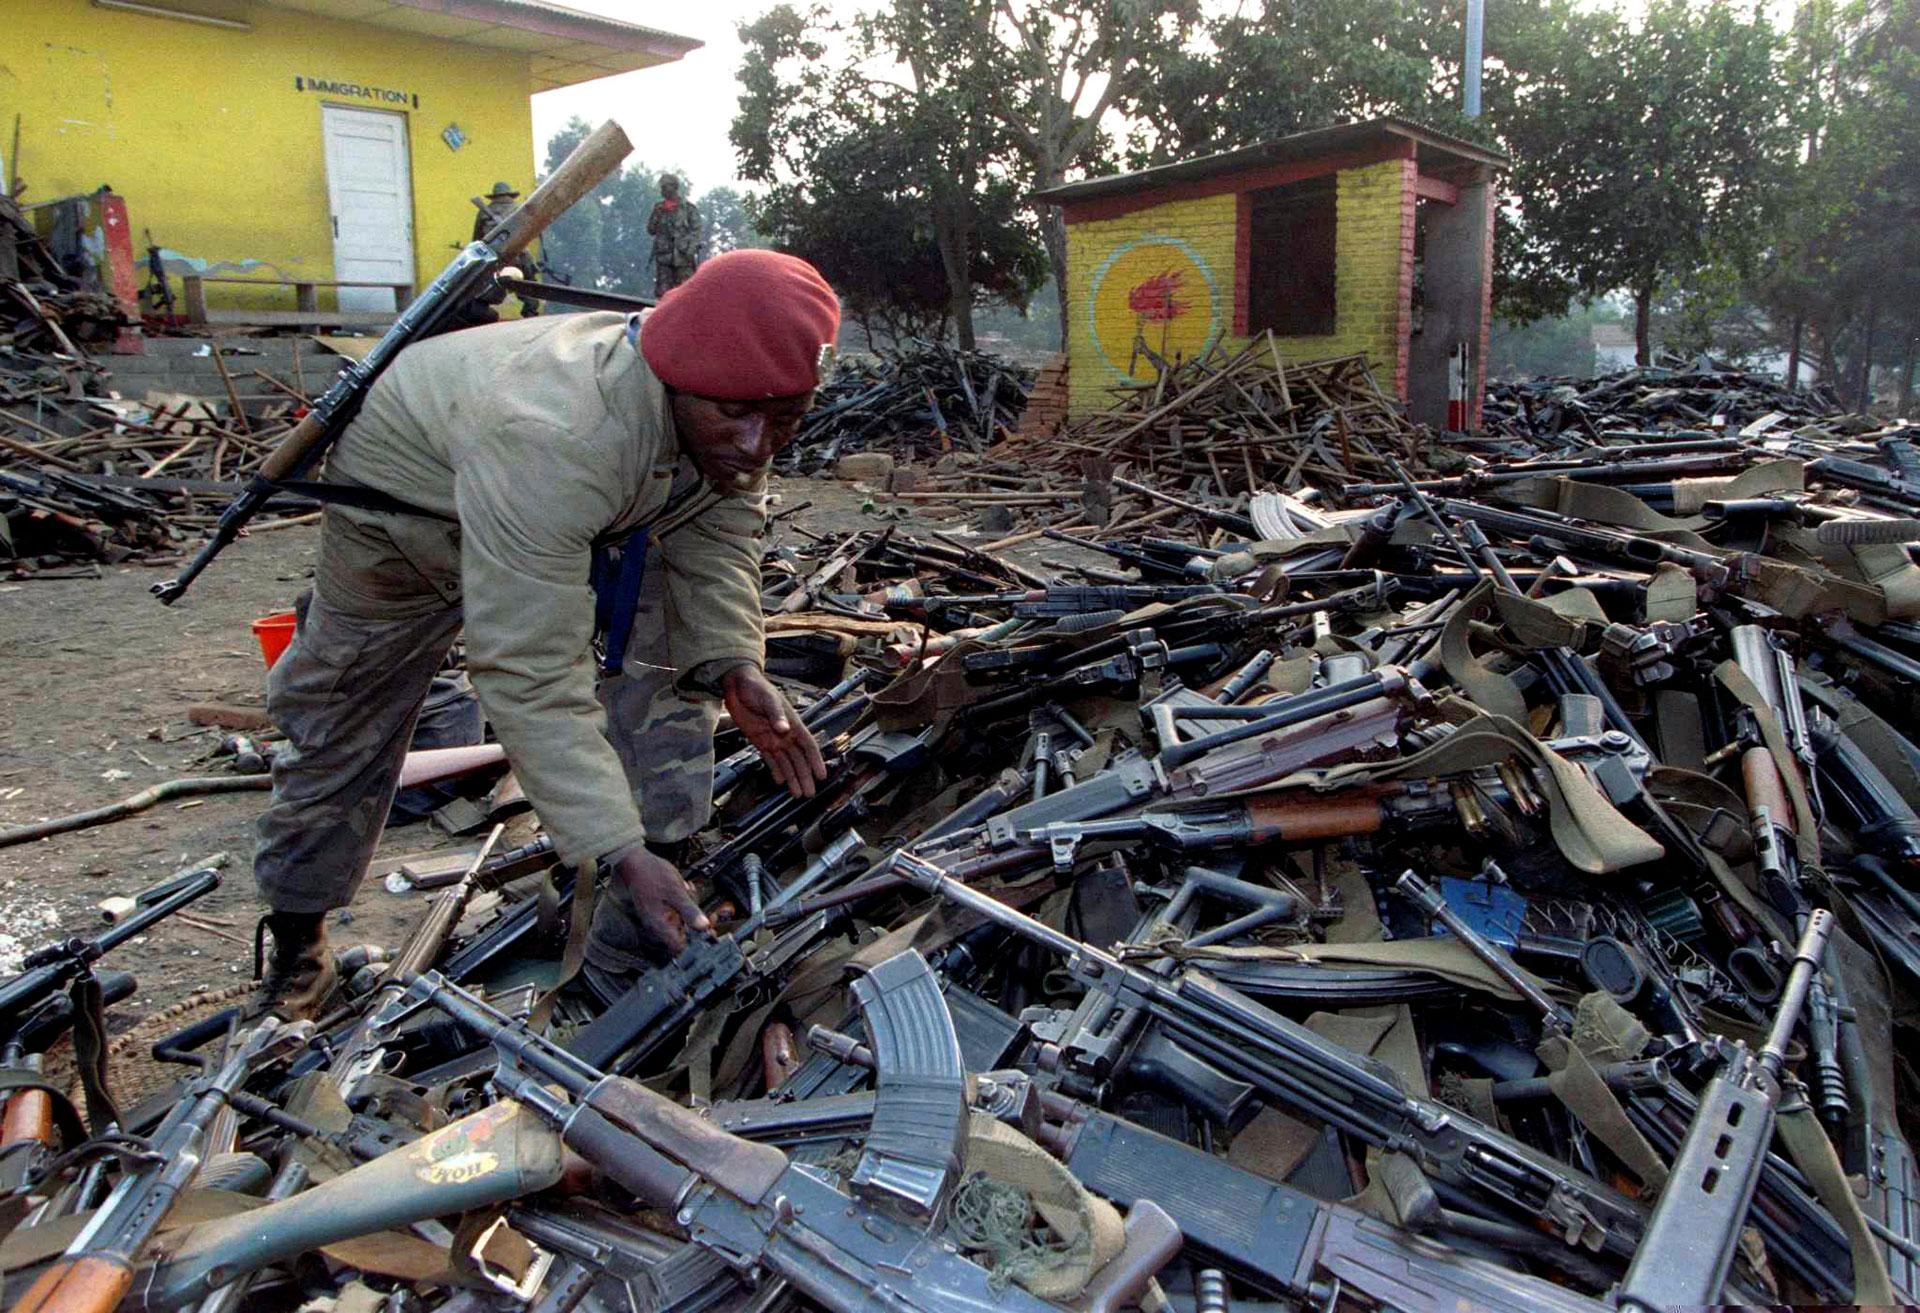 Soldados congoleños inspeccionan armas confiscadas en la frontera a tropas del régimen ruandés, tras la caída de Kigali, en julio de 1994 (Reuters)